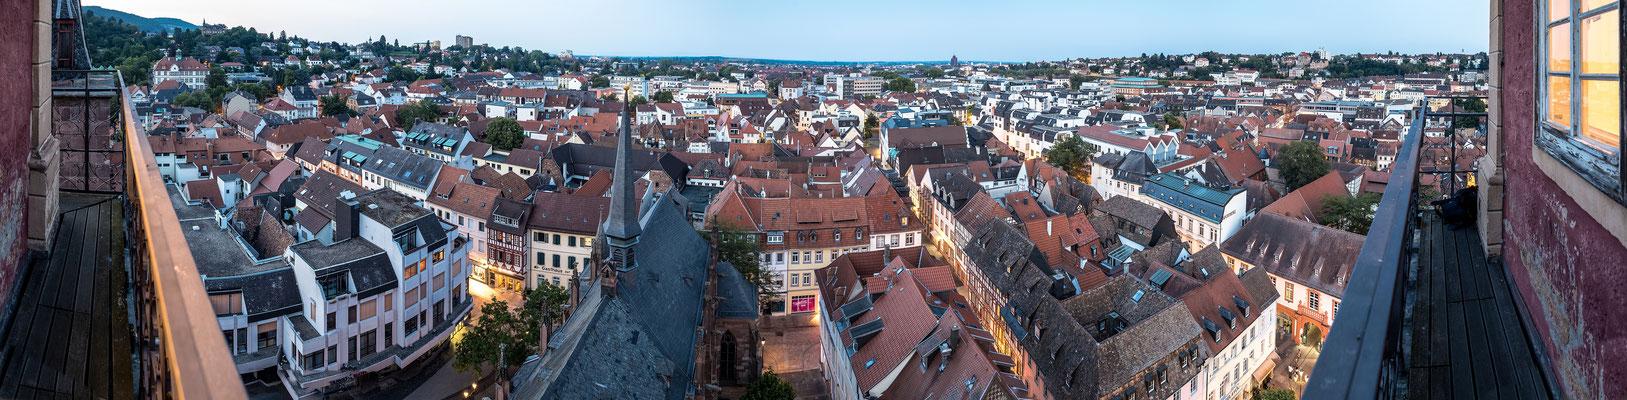 Abendlicher Blick auf die Altstadt von der Stiftskirche